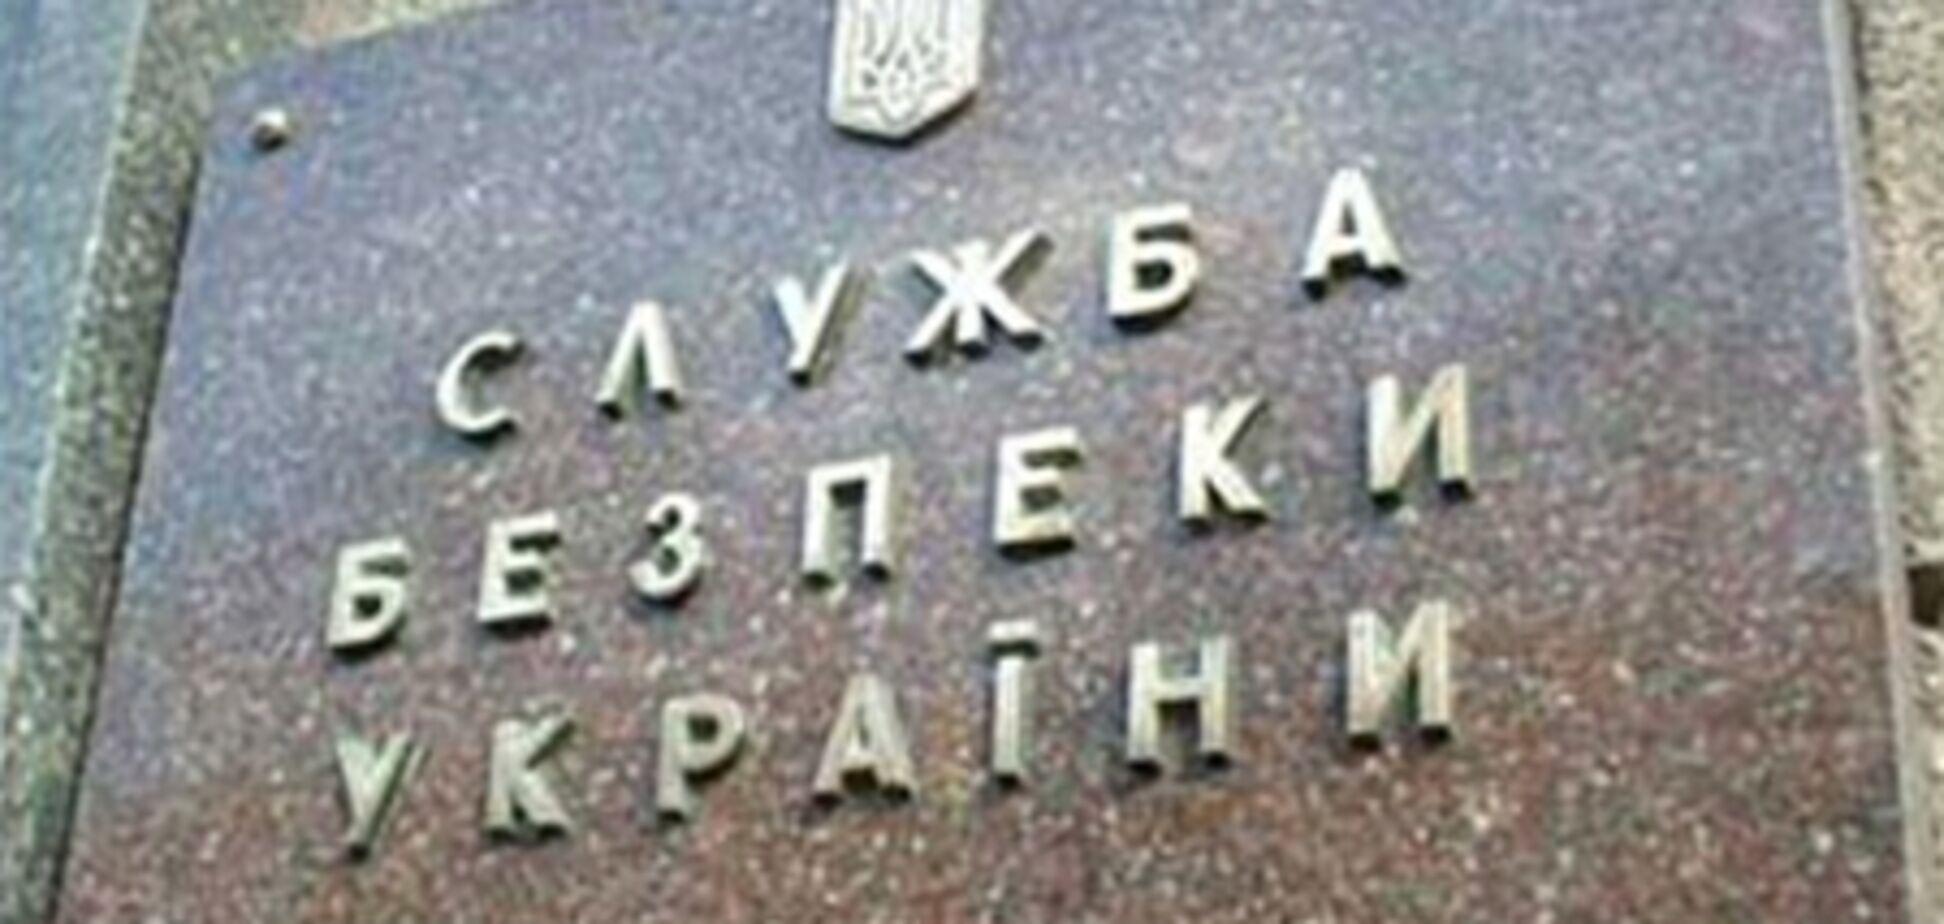 Волгу и Пукача укрыли в СИЗО СБУ, опасаясь их возможного убийства